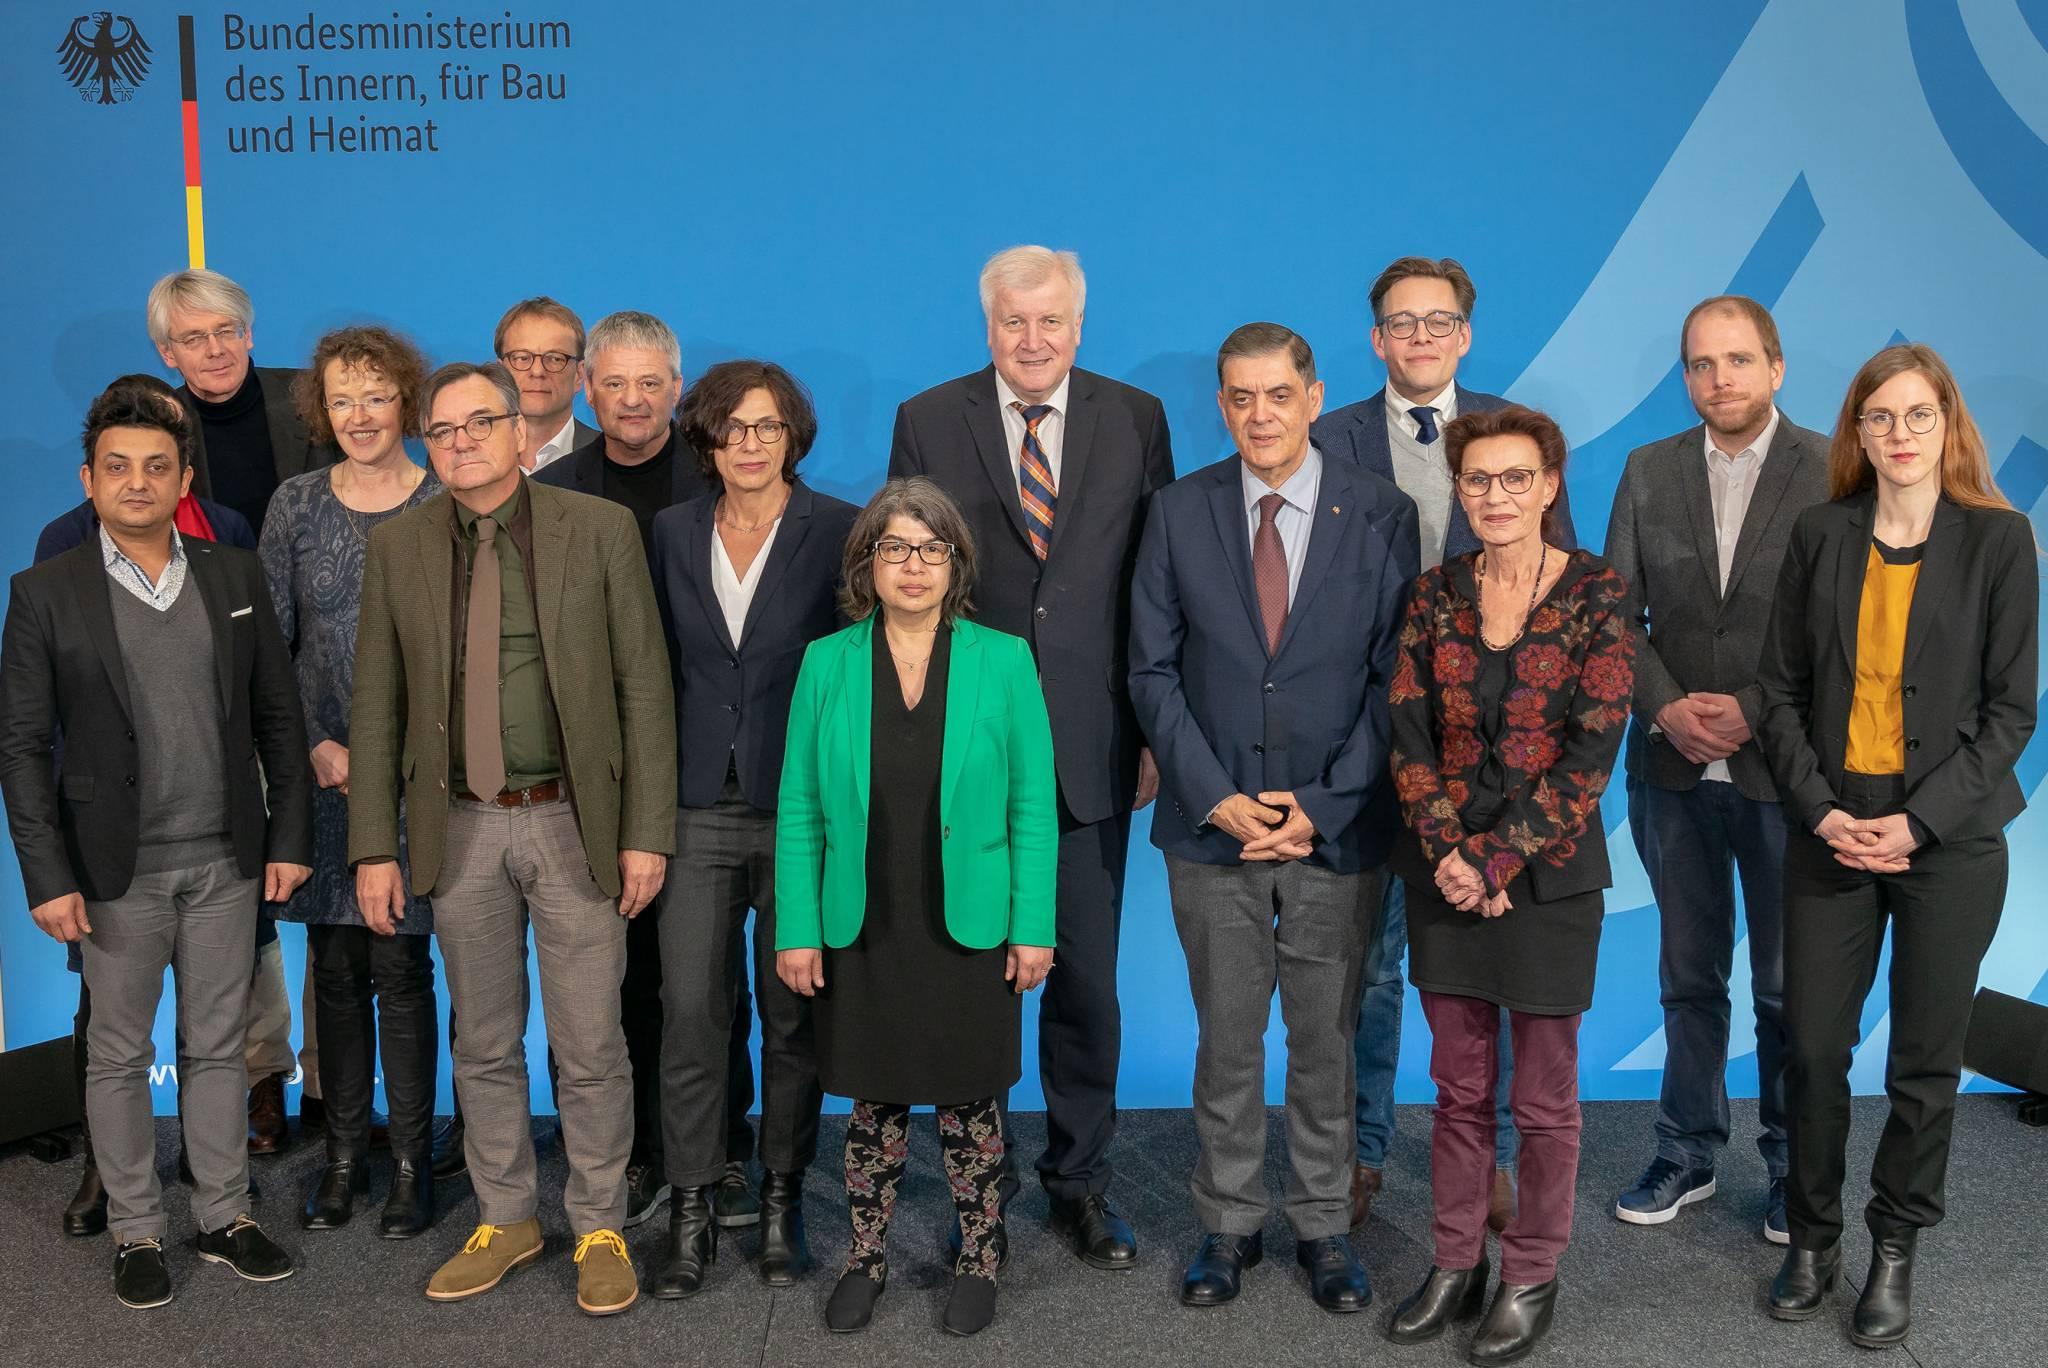 Deutscher Pov In Der öffentlichkeit